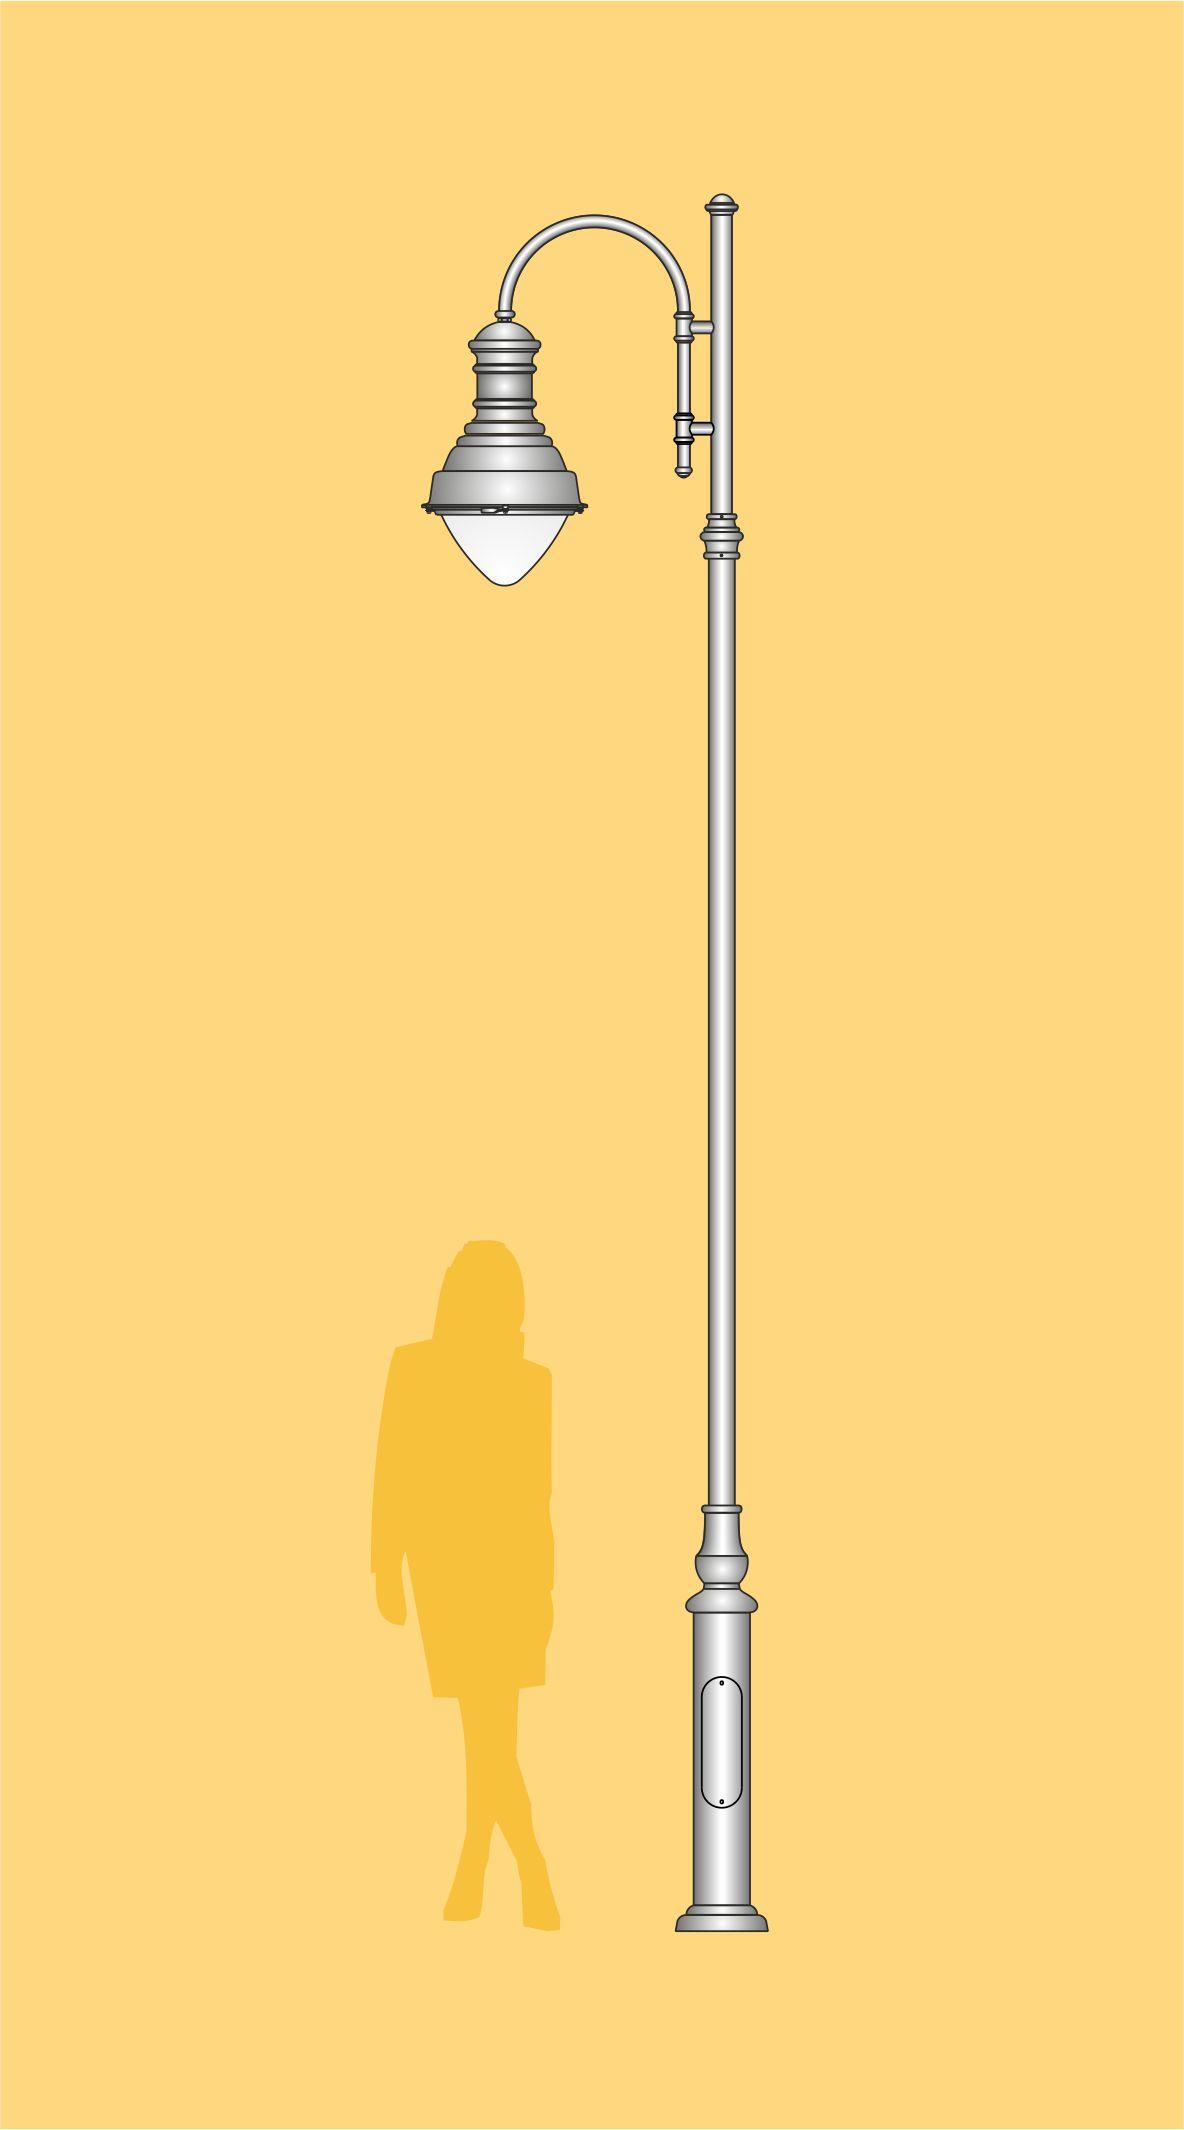 Lampa drogowa LED produkcji , prosty słup oświetleniowy z dekoracyjną oprawą